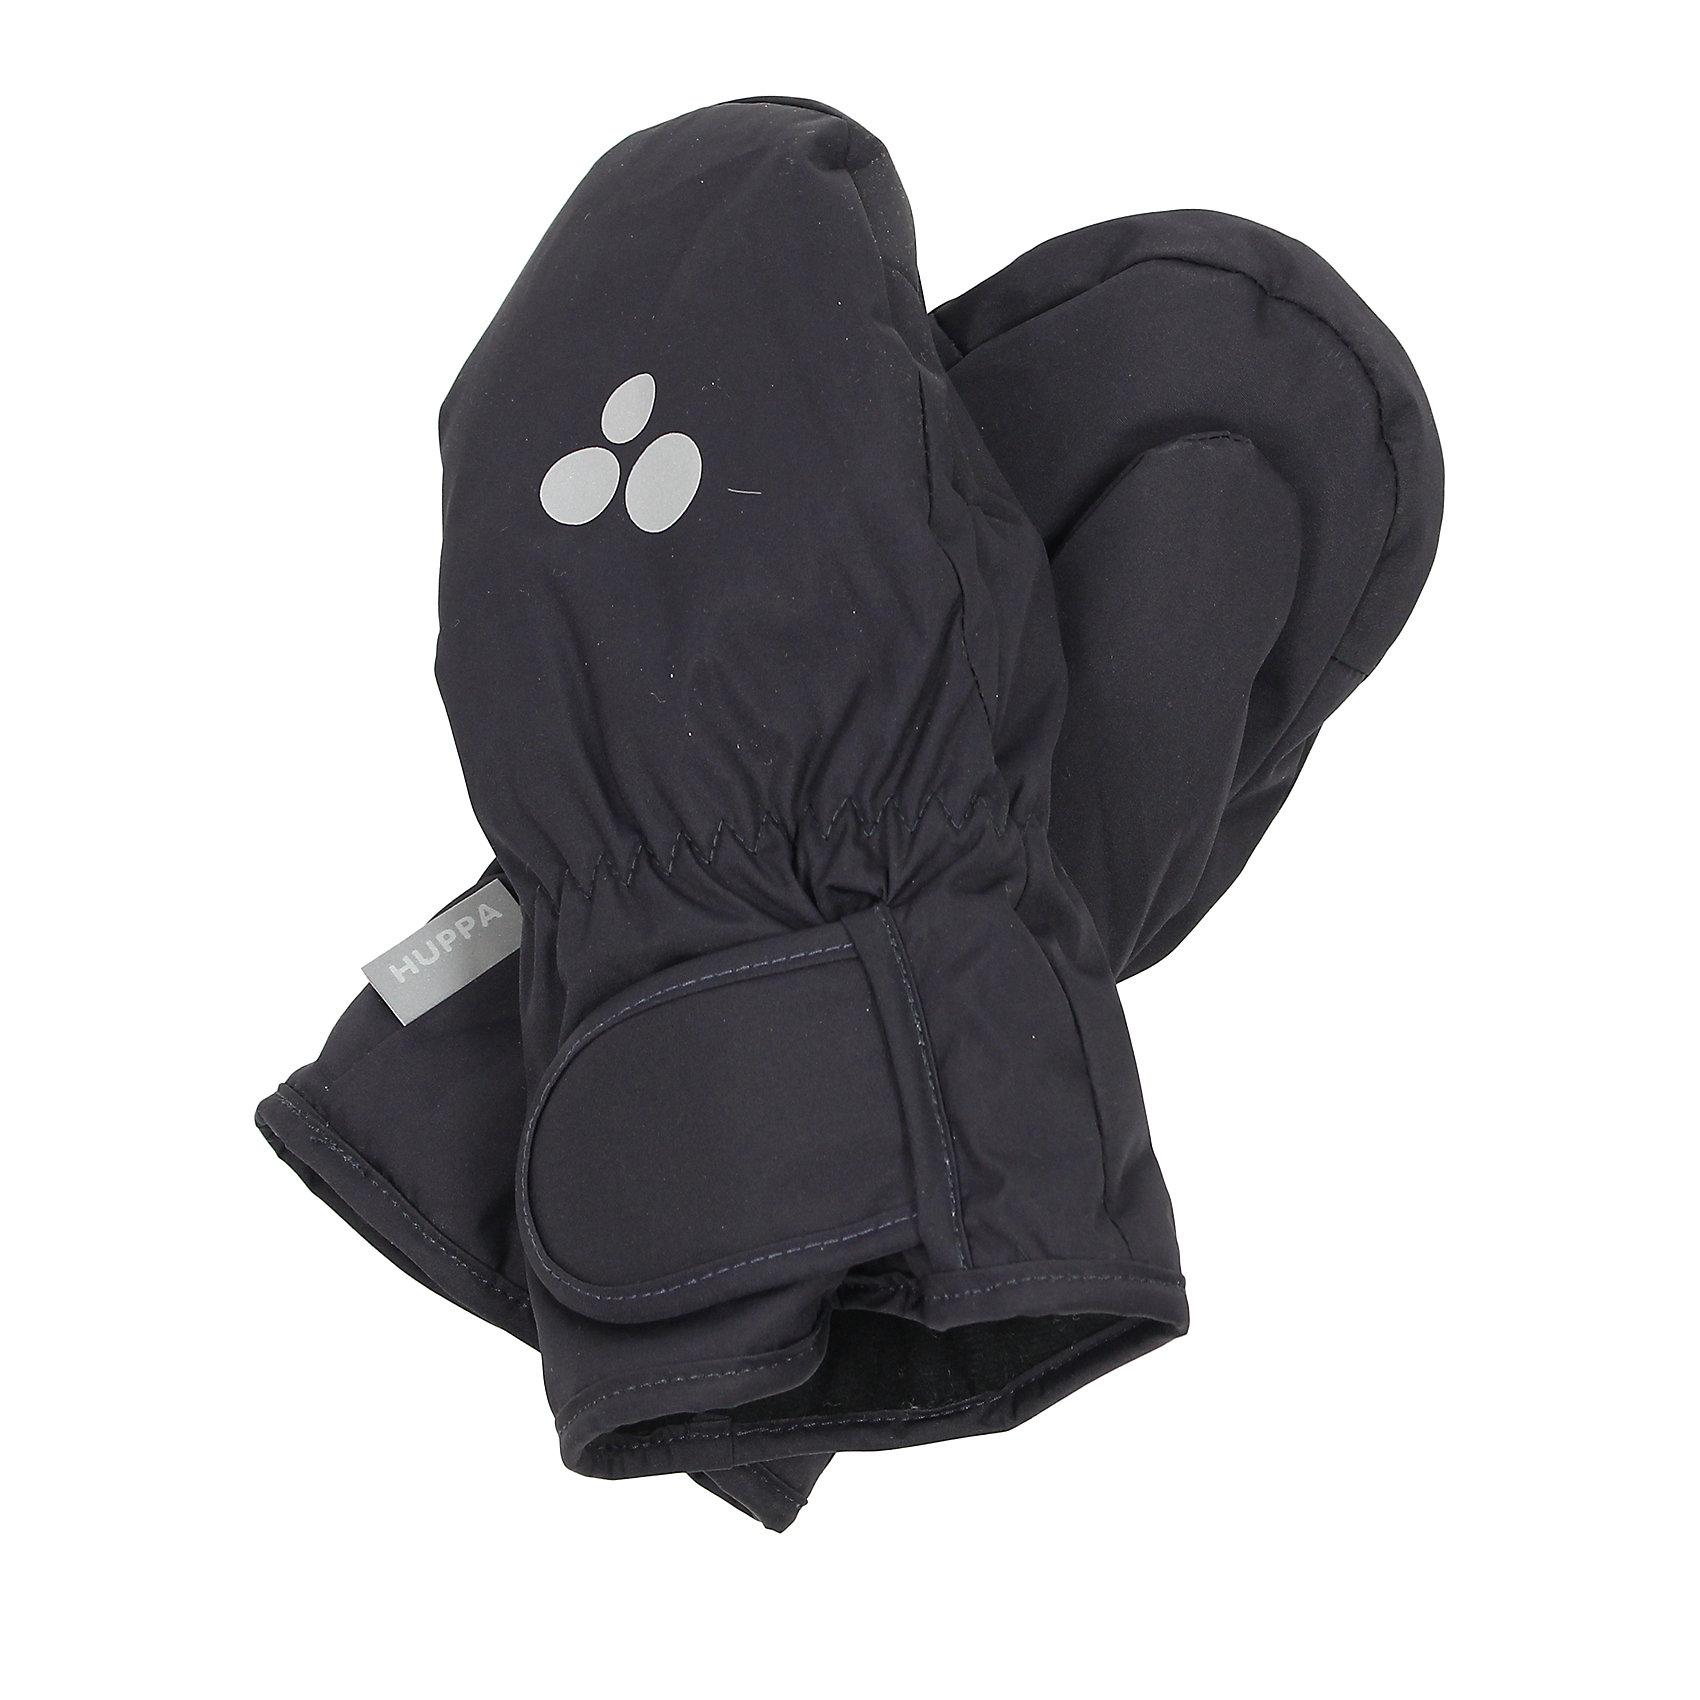 Варежки для мальчика HuppaДетские зимние варежки ярких цветов. У варежек приятная подкладка из полиэстера и дышащая и водоотталкивающая ткань, которая поможет держать руки в сухости и тепле. В середину вшита резинка, а на запястье - регулируемая застежка-липучка, которые помогут варежкам надежно держаться на руках. Чтобы варежки не терялись, для удобства использования варежек добавлена резиновая лента, а в качестве украшения - светящиеся в темноте шарики с логотипом Huppa (Хуппа). Маленькие зажимы в средней части помогут держать пару варежек вместе после использования. <br><br>Варежки для мальчика Huppa (Хуппа) можно купить в нашем магазине.<br><br>Ширина мм: 162<br>Глубина мм: 171<br>Высота мм: 55<br>Вес г: 119<br>Цвет: серый<br>Возраст от месяцев: 72<br>Возраст до месяцев: 96<br>Пол: Мужской<br>Возраст: Детский<br>Размер: 2,1,4,3,5<br>SKU: 4242784